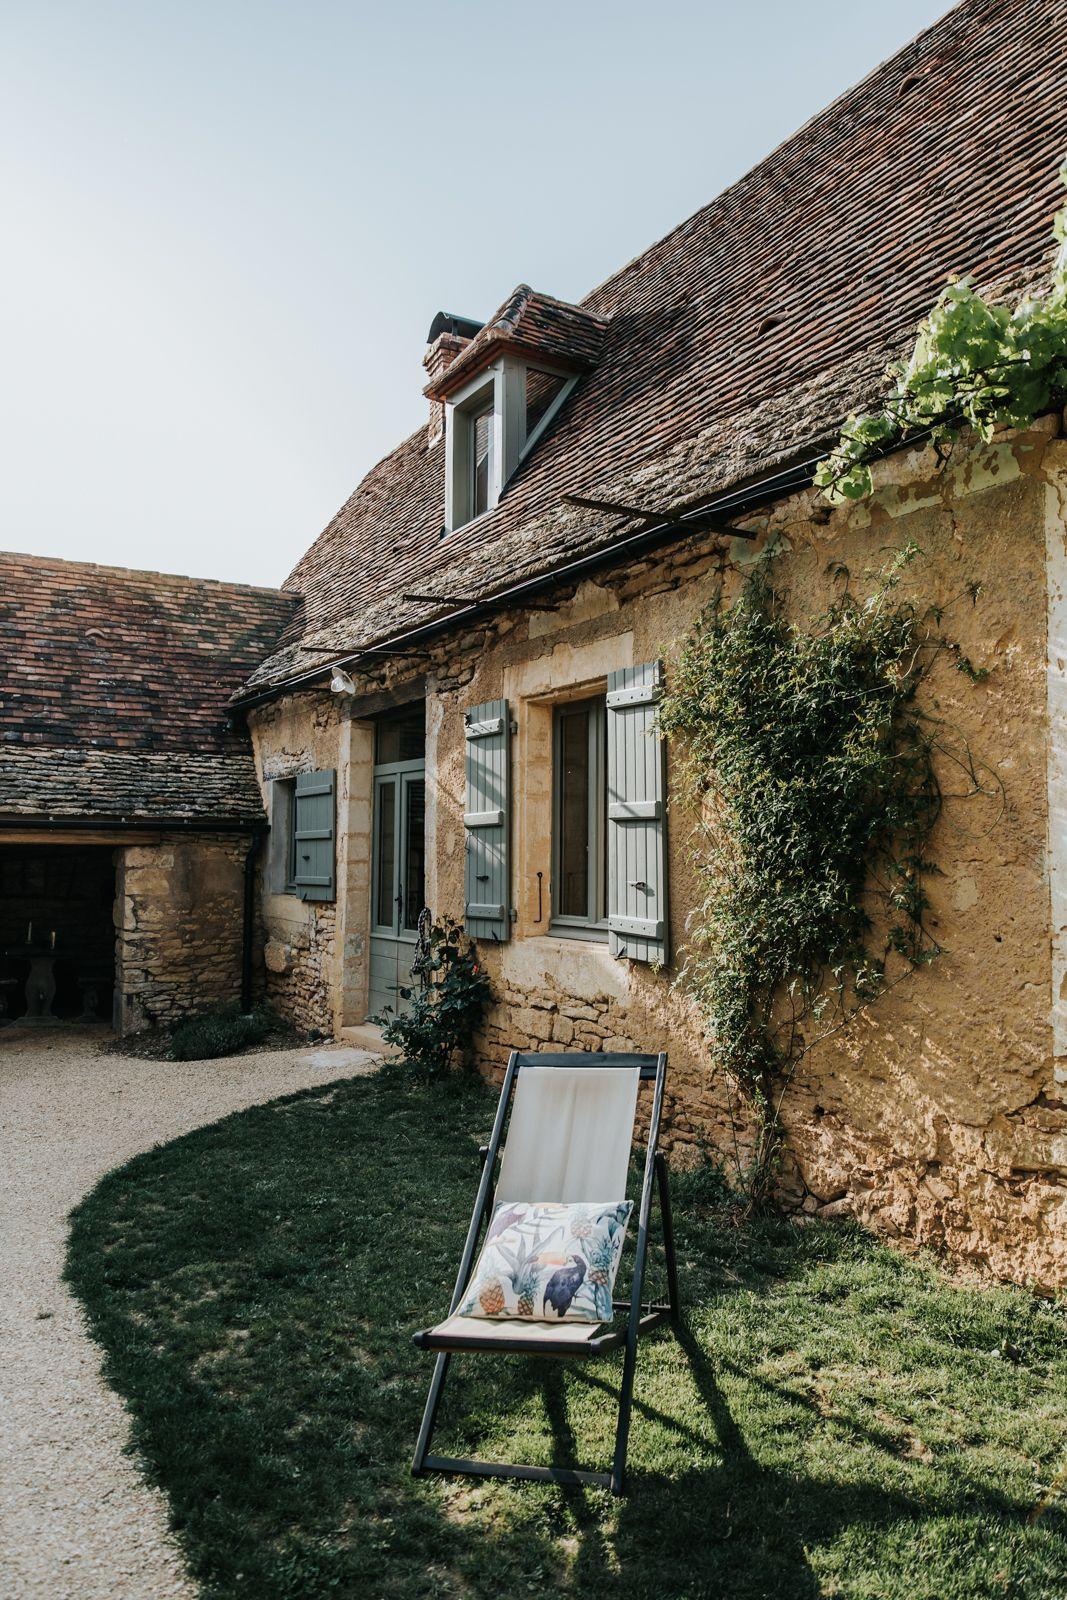 Maison De Campagne En Dordogne Chambre D Hotes Et Gite Bel Estiu Gite Dordogne Maison D Hotes Chambre D Hote